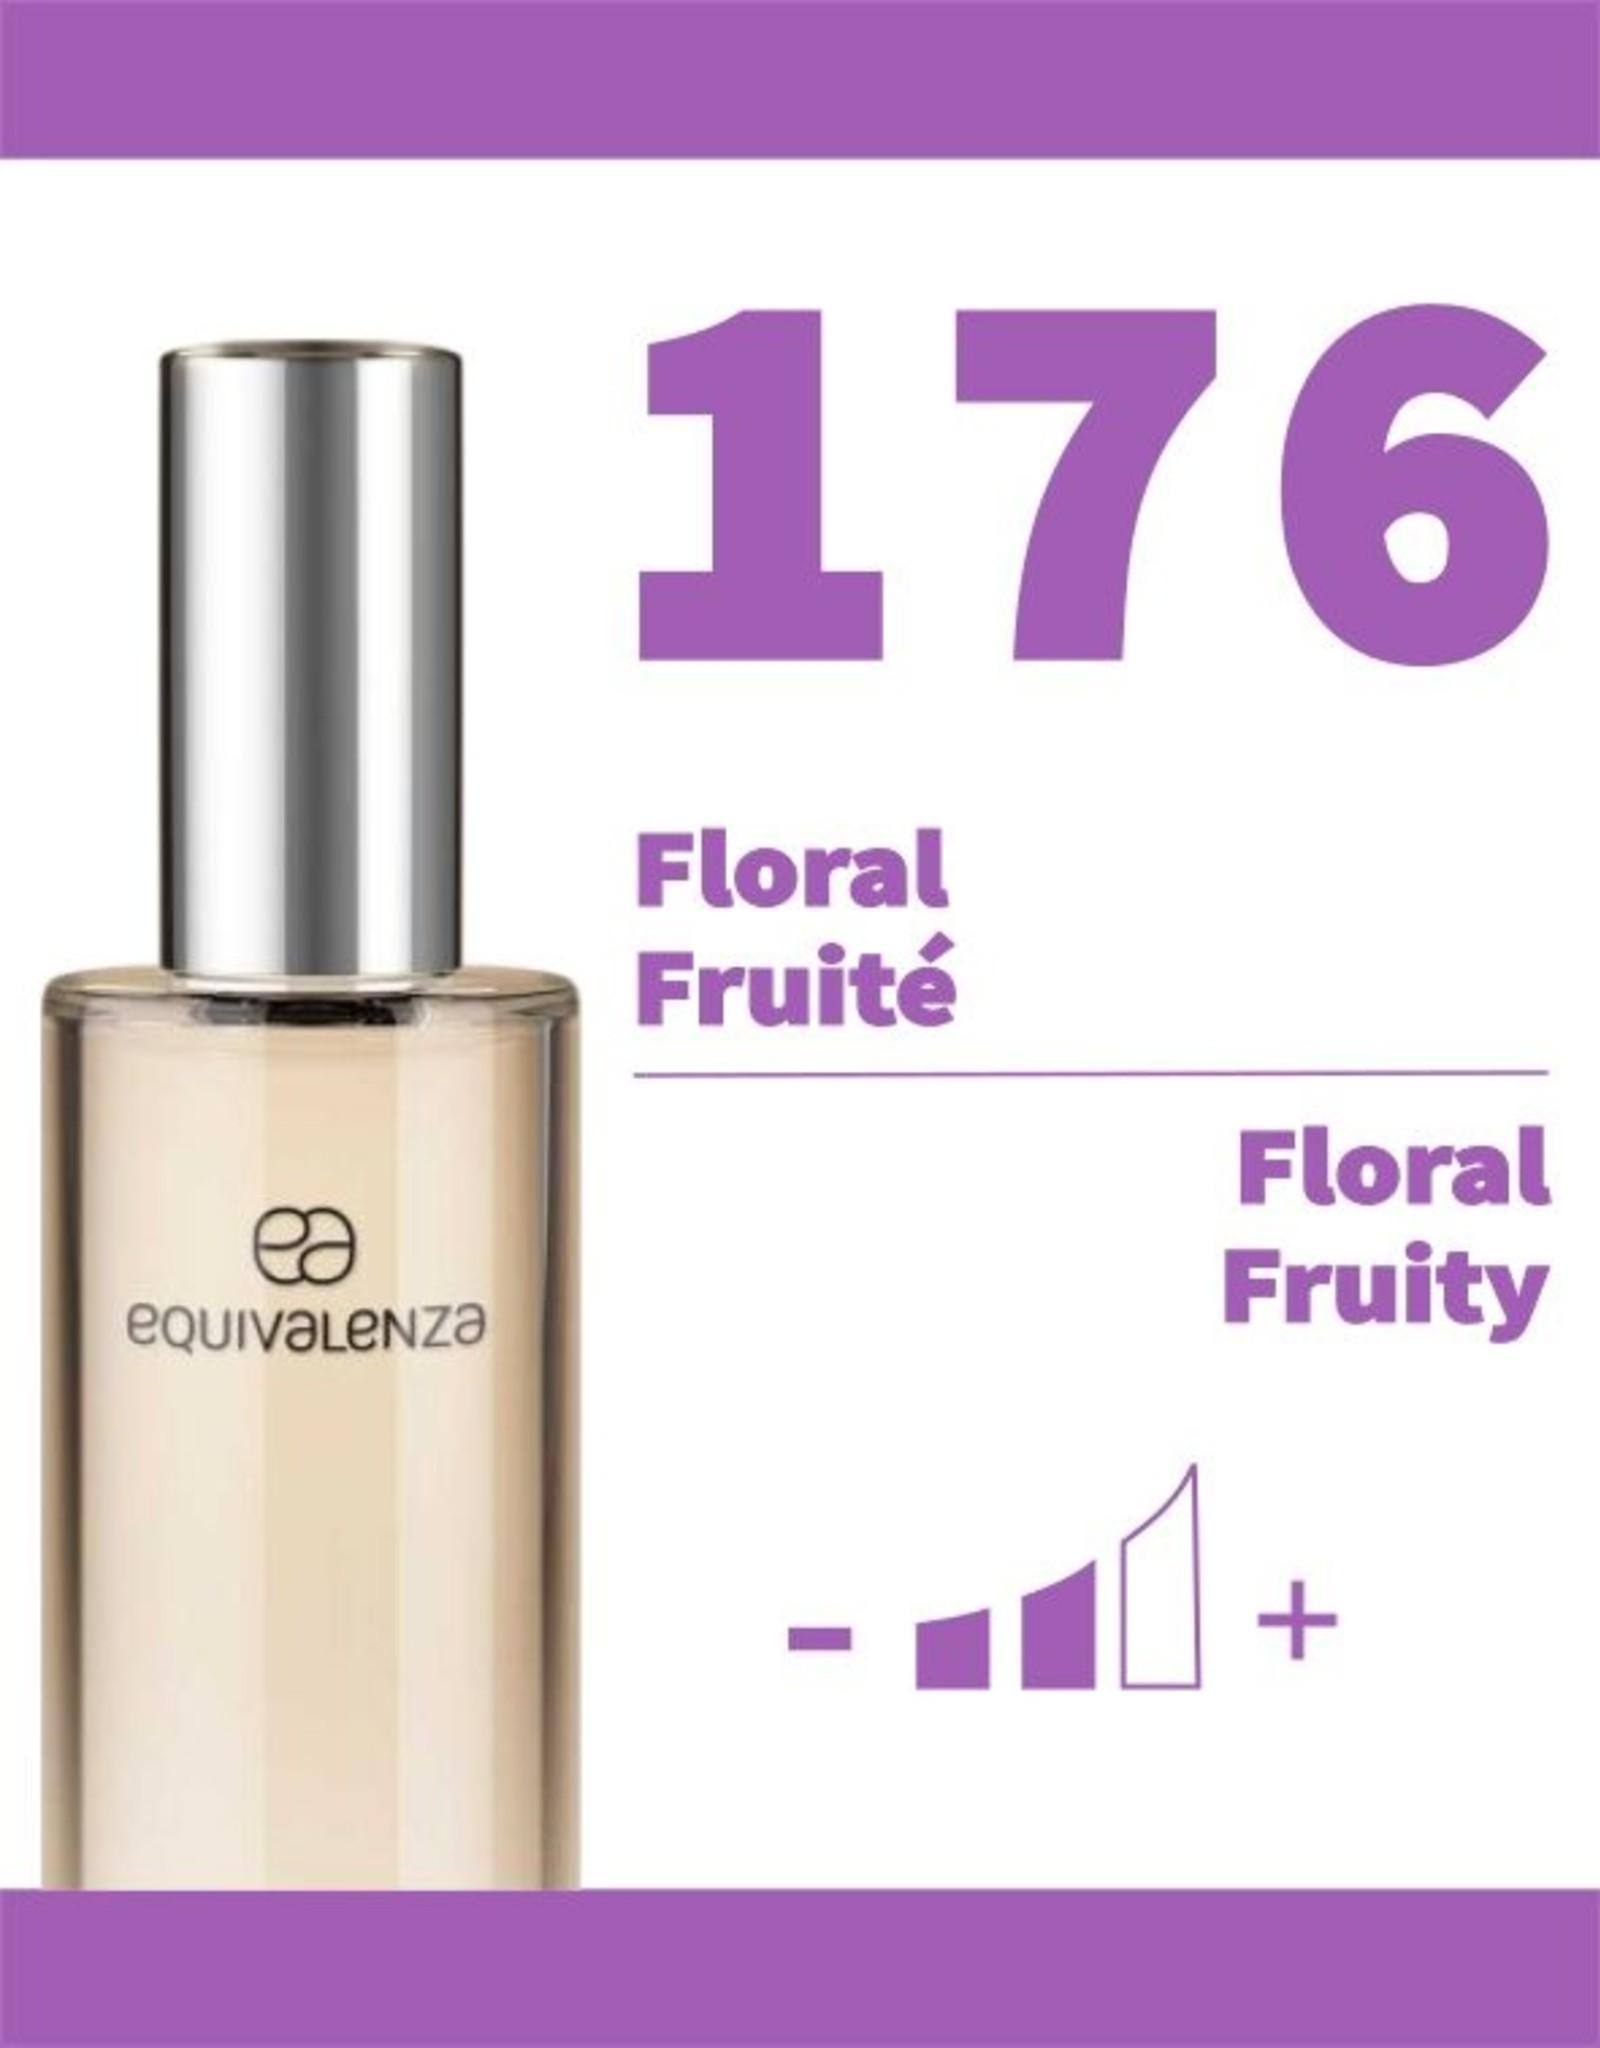 Equivalenza Floral Fruité 176